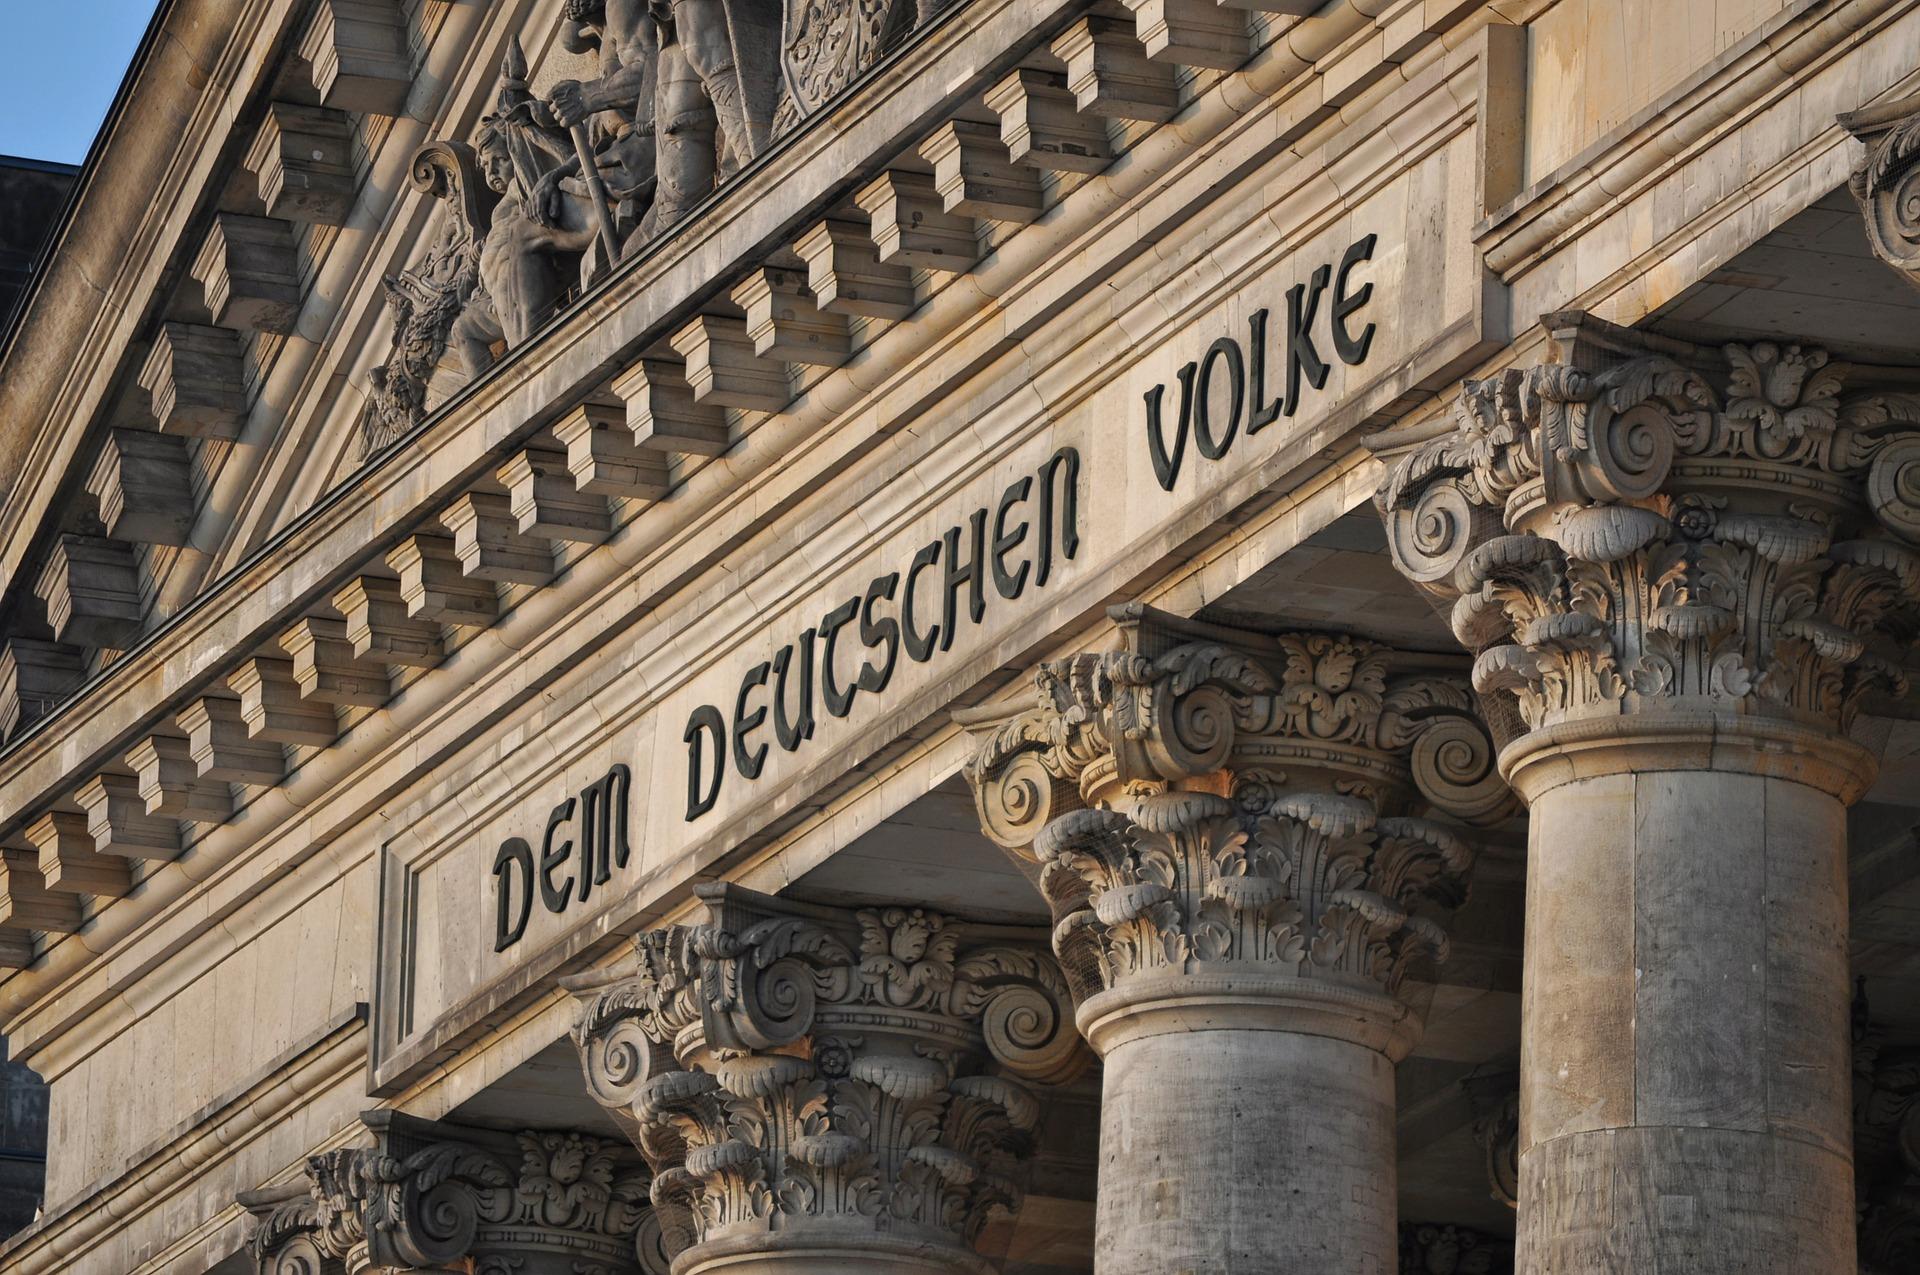 """Der Bundestag in Berlin mit dem Schriftzug """"Dem Deutschen Volke"""""""